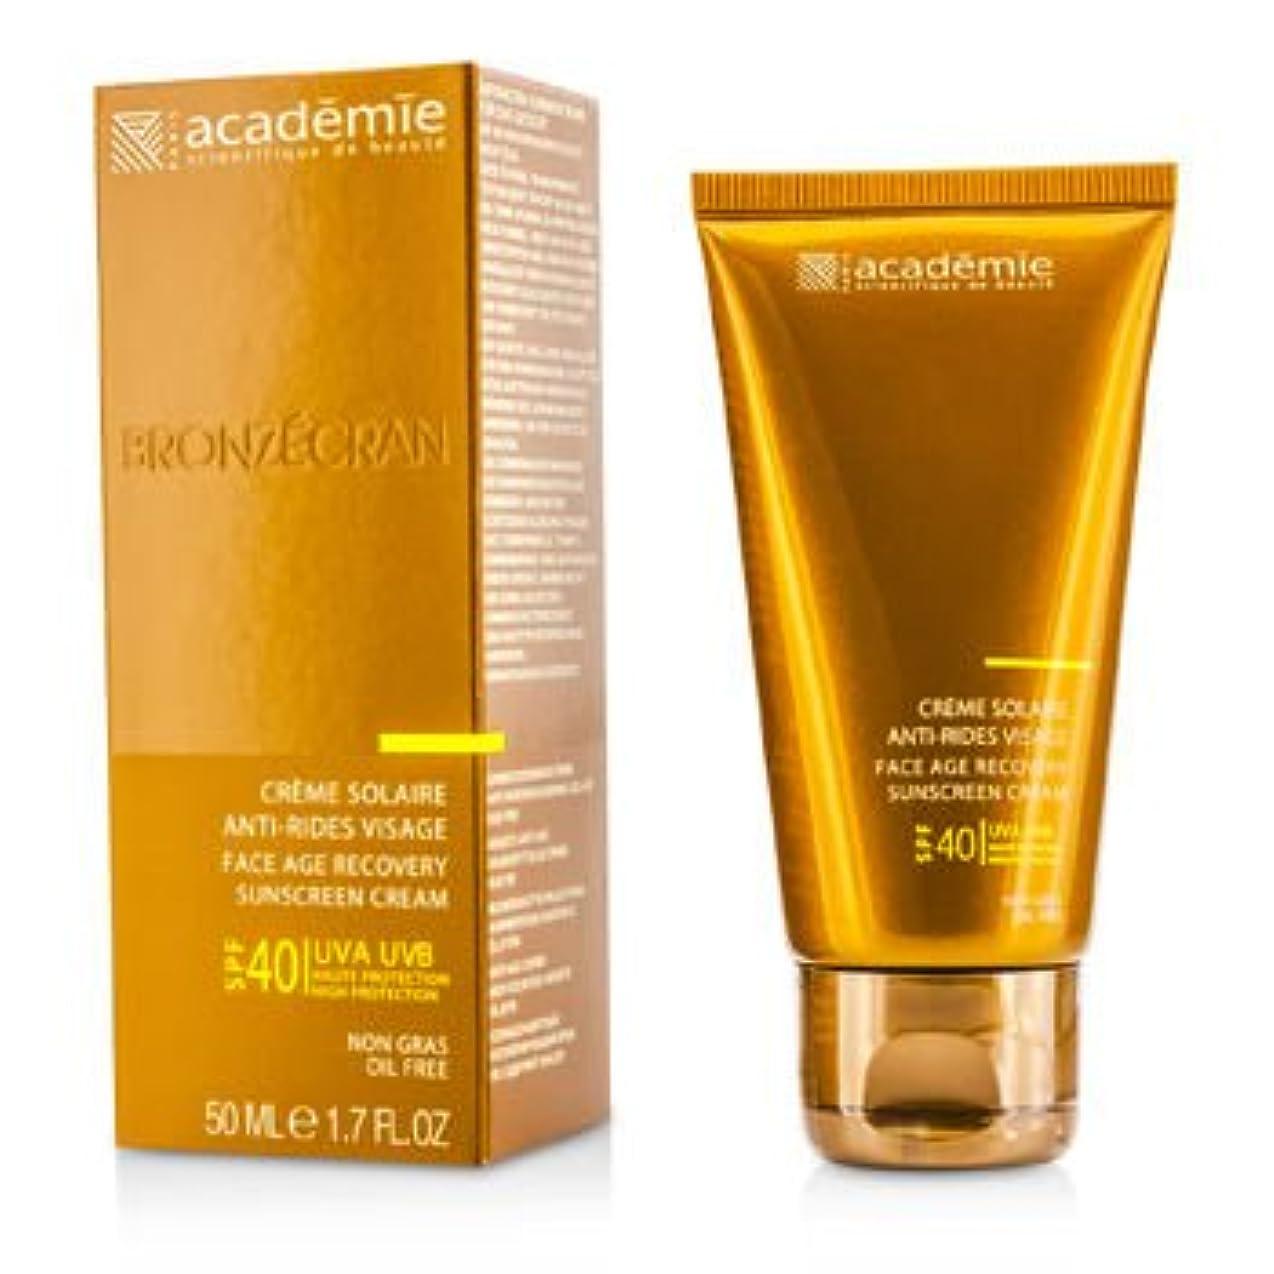 債務者ボイラー友だち[Academie] Scientific System Face Age Recovery Sunscreen Cream SPF40 50ml/1.7oz